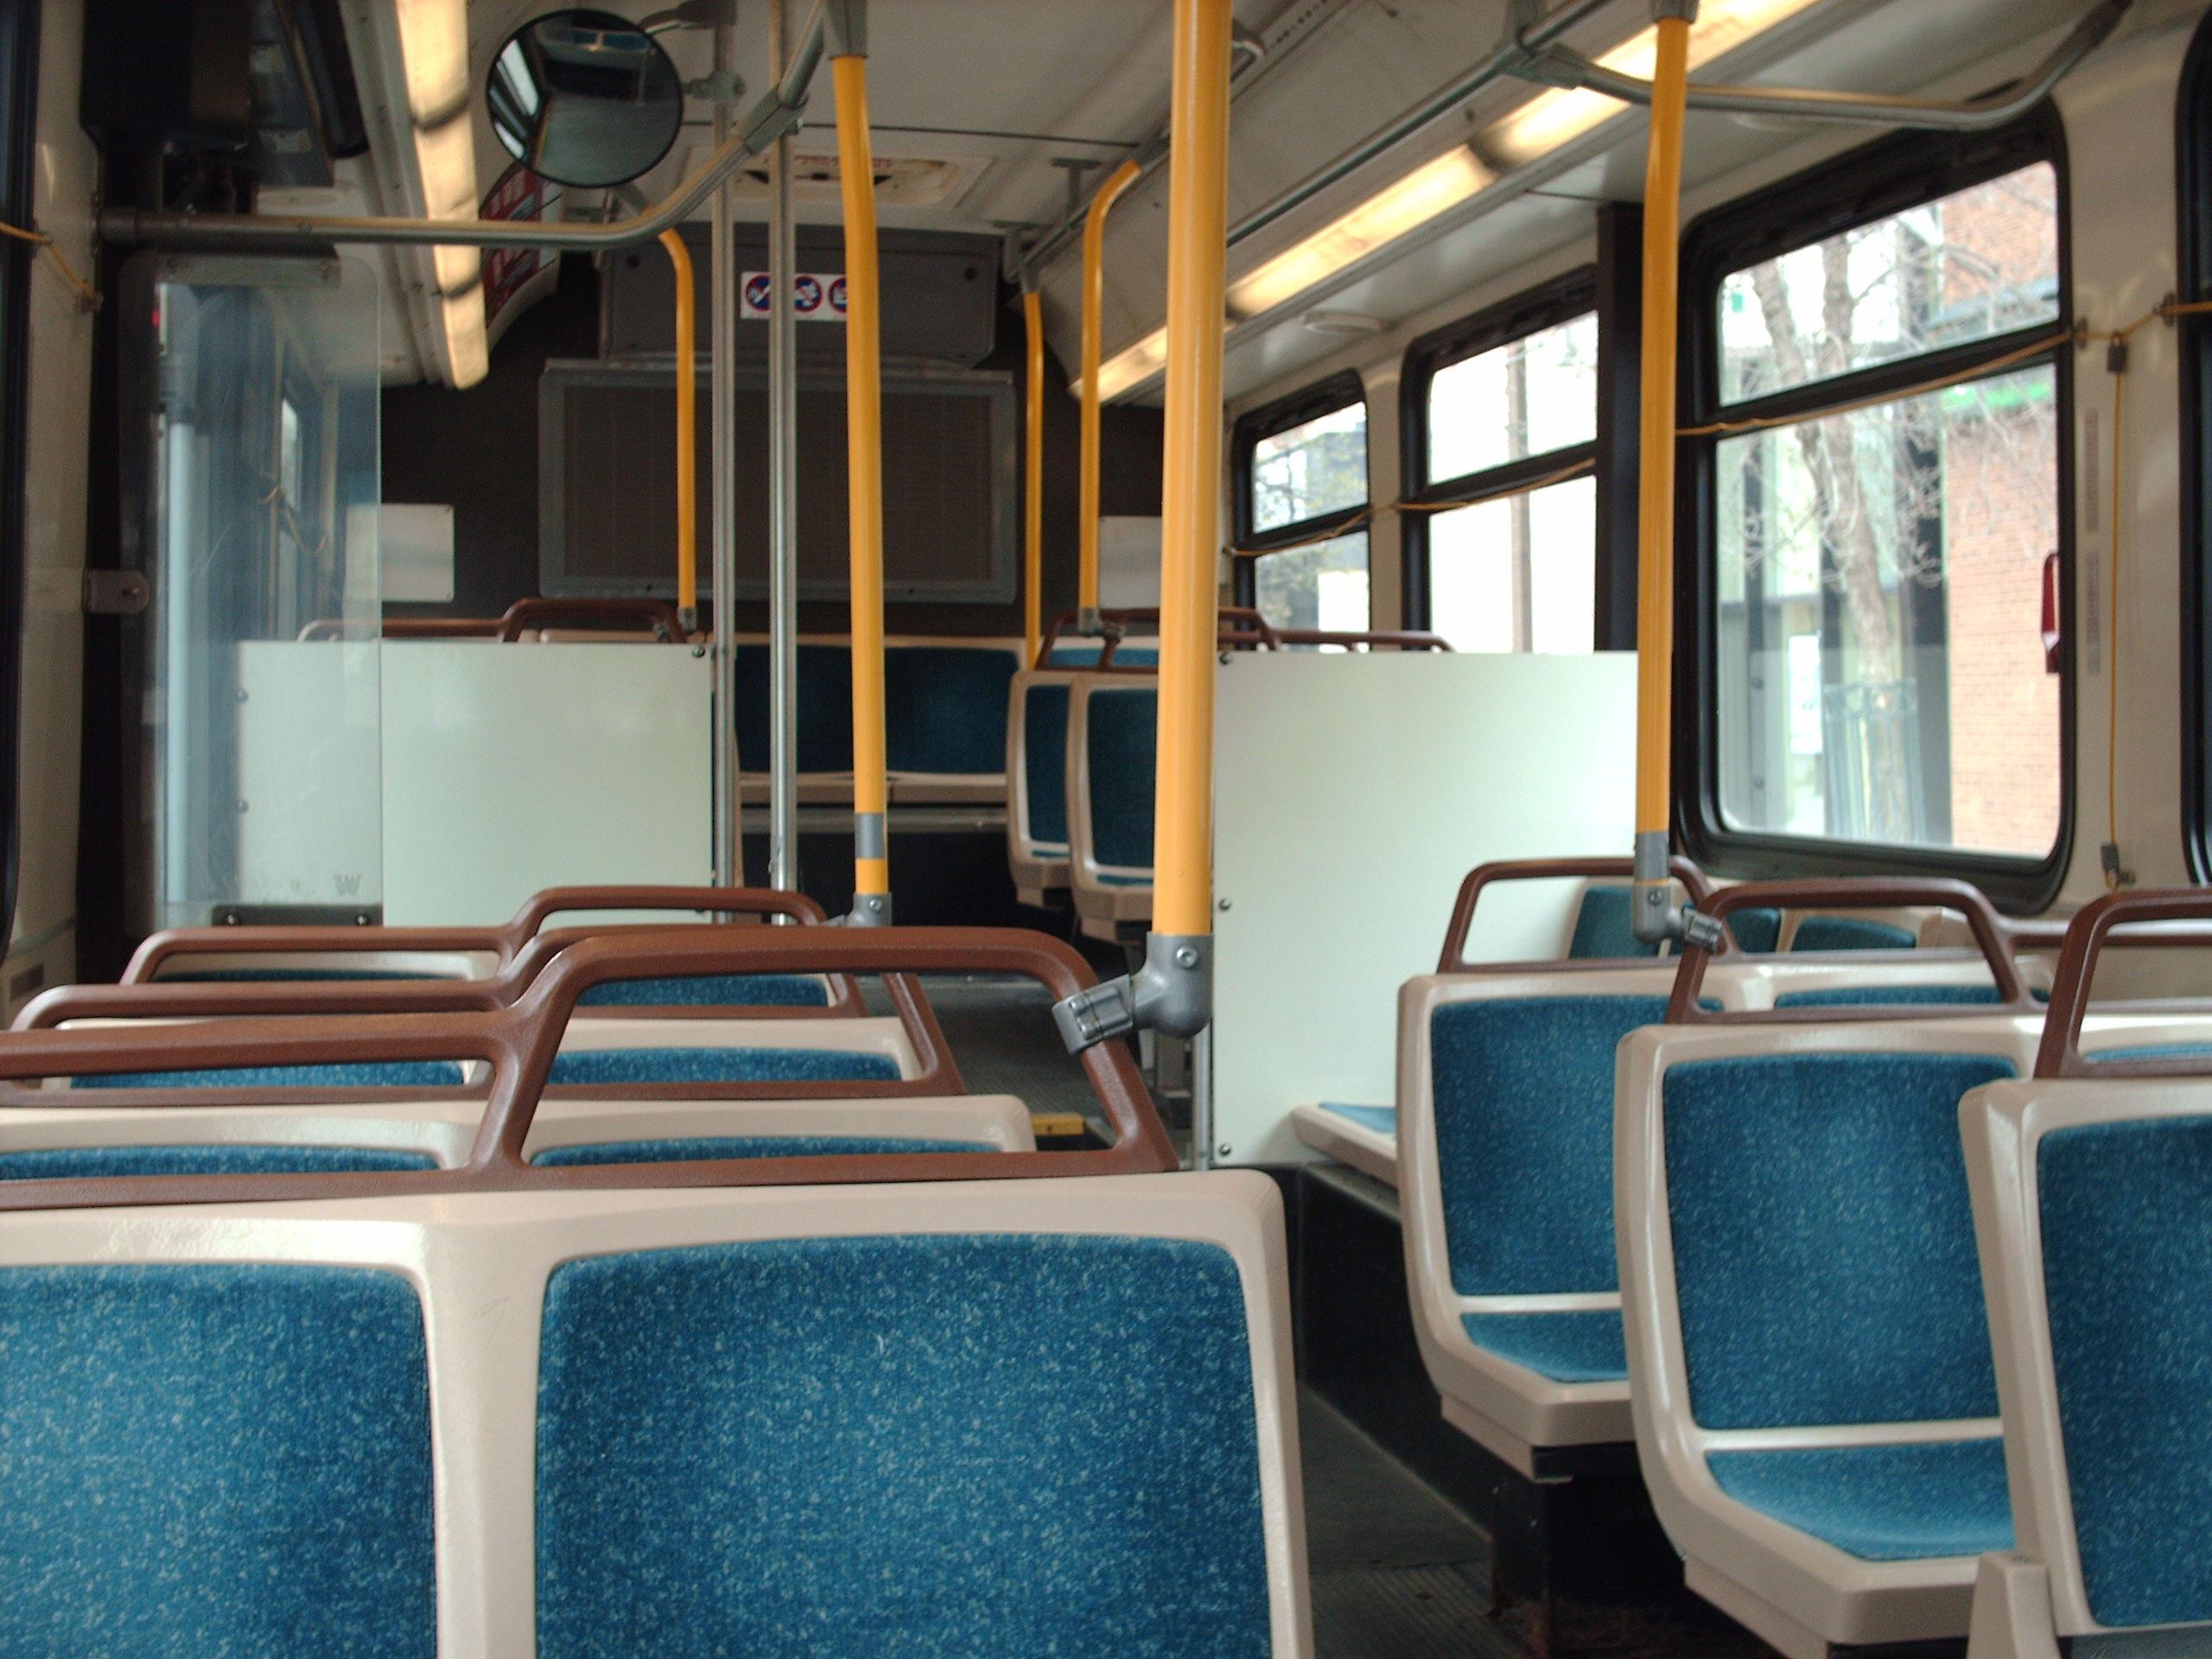 Buses_35_002.JPG